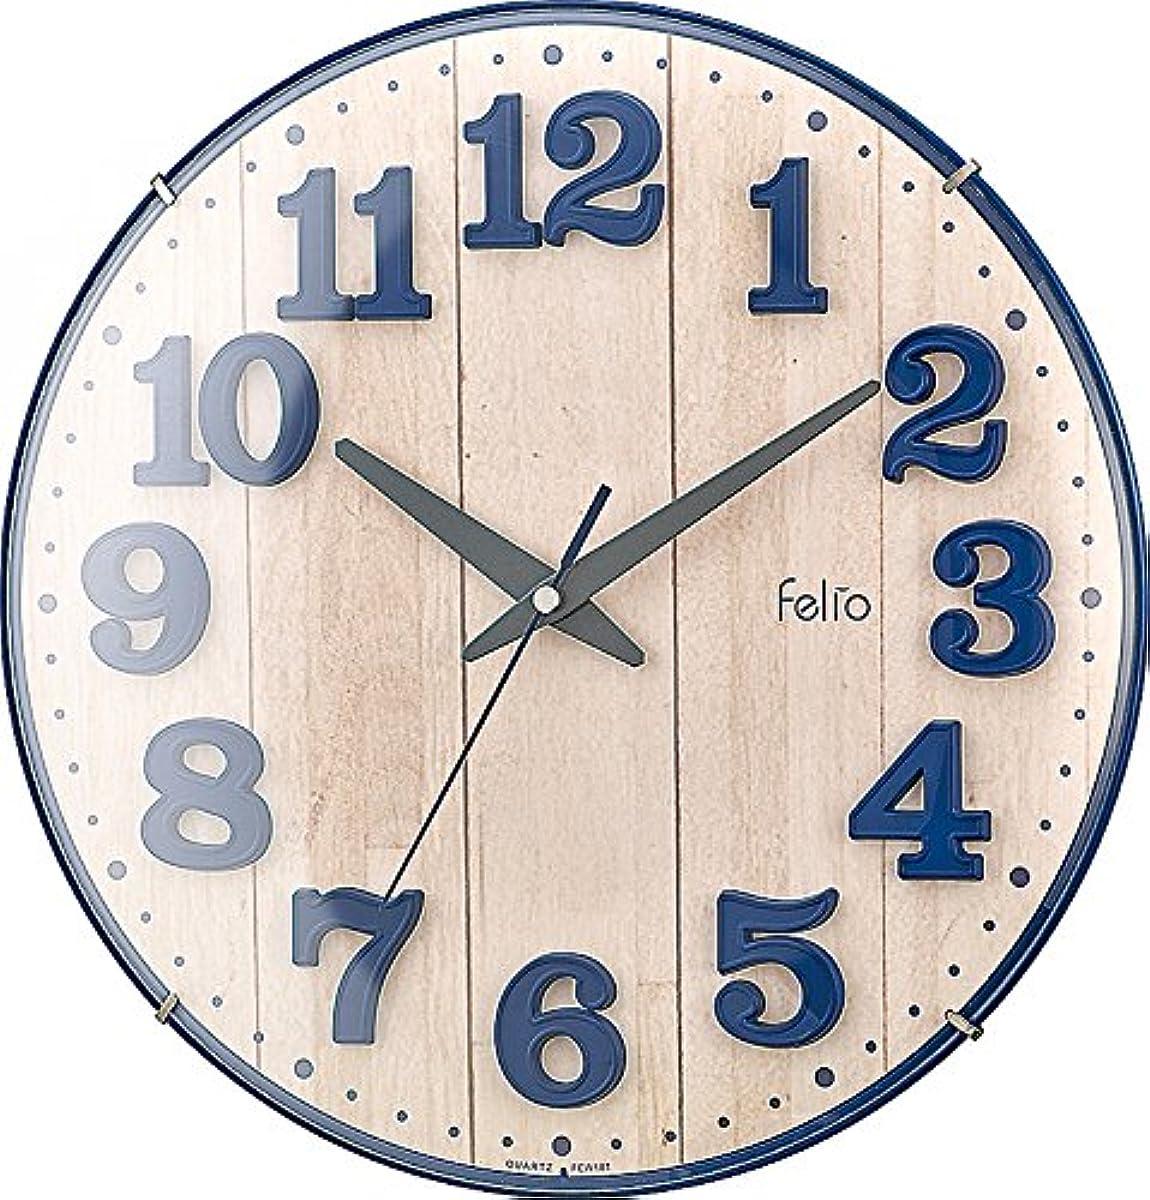 [해외] FELIO 탁상시계벽시계 네이비 블루 약 높이30.8×폭.30.8×길이깊이5.7CM